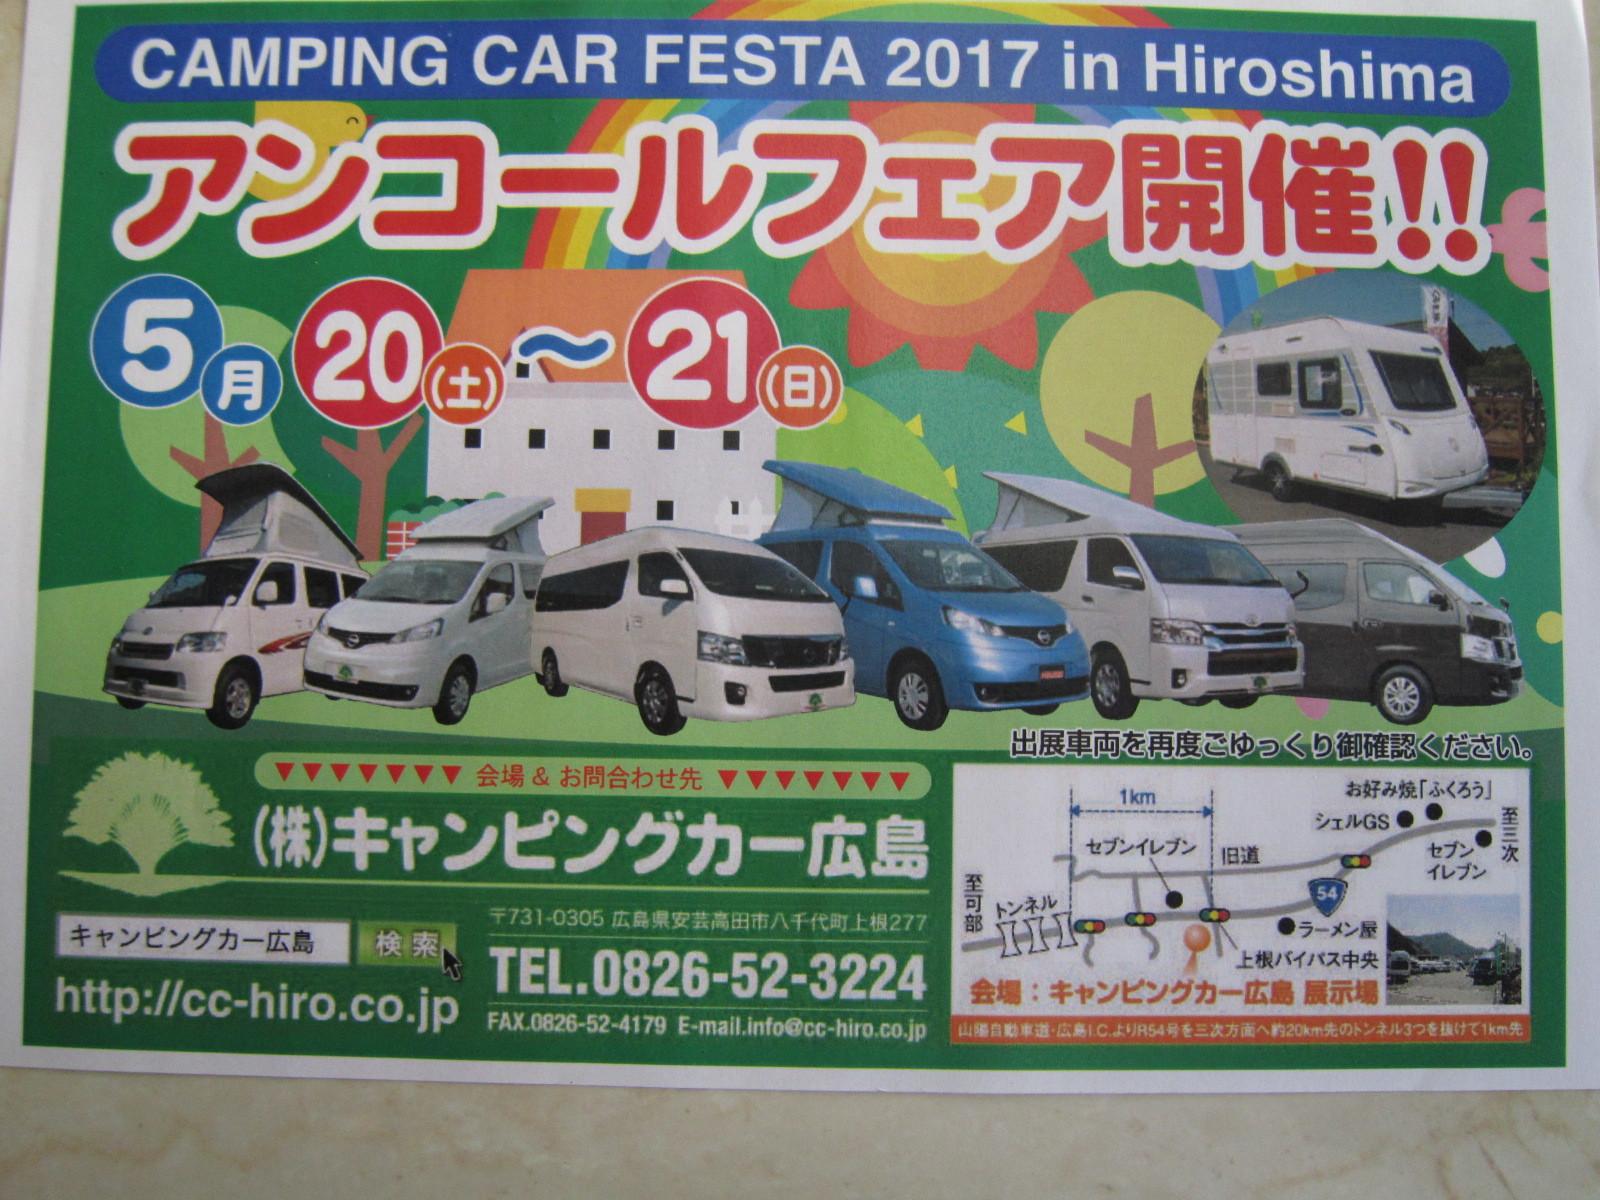 キャンピングカーフェスタ 広島 2017.5.14